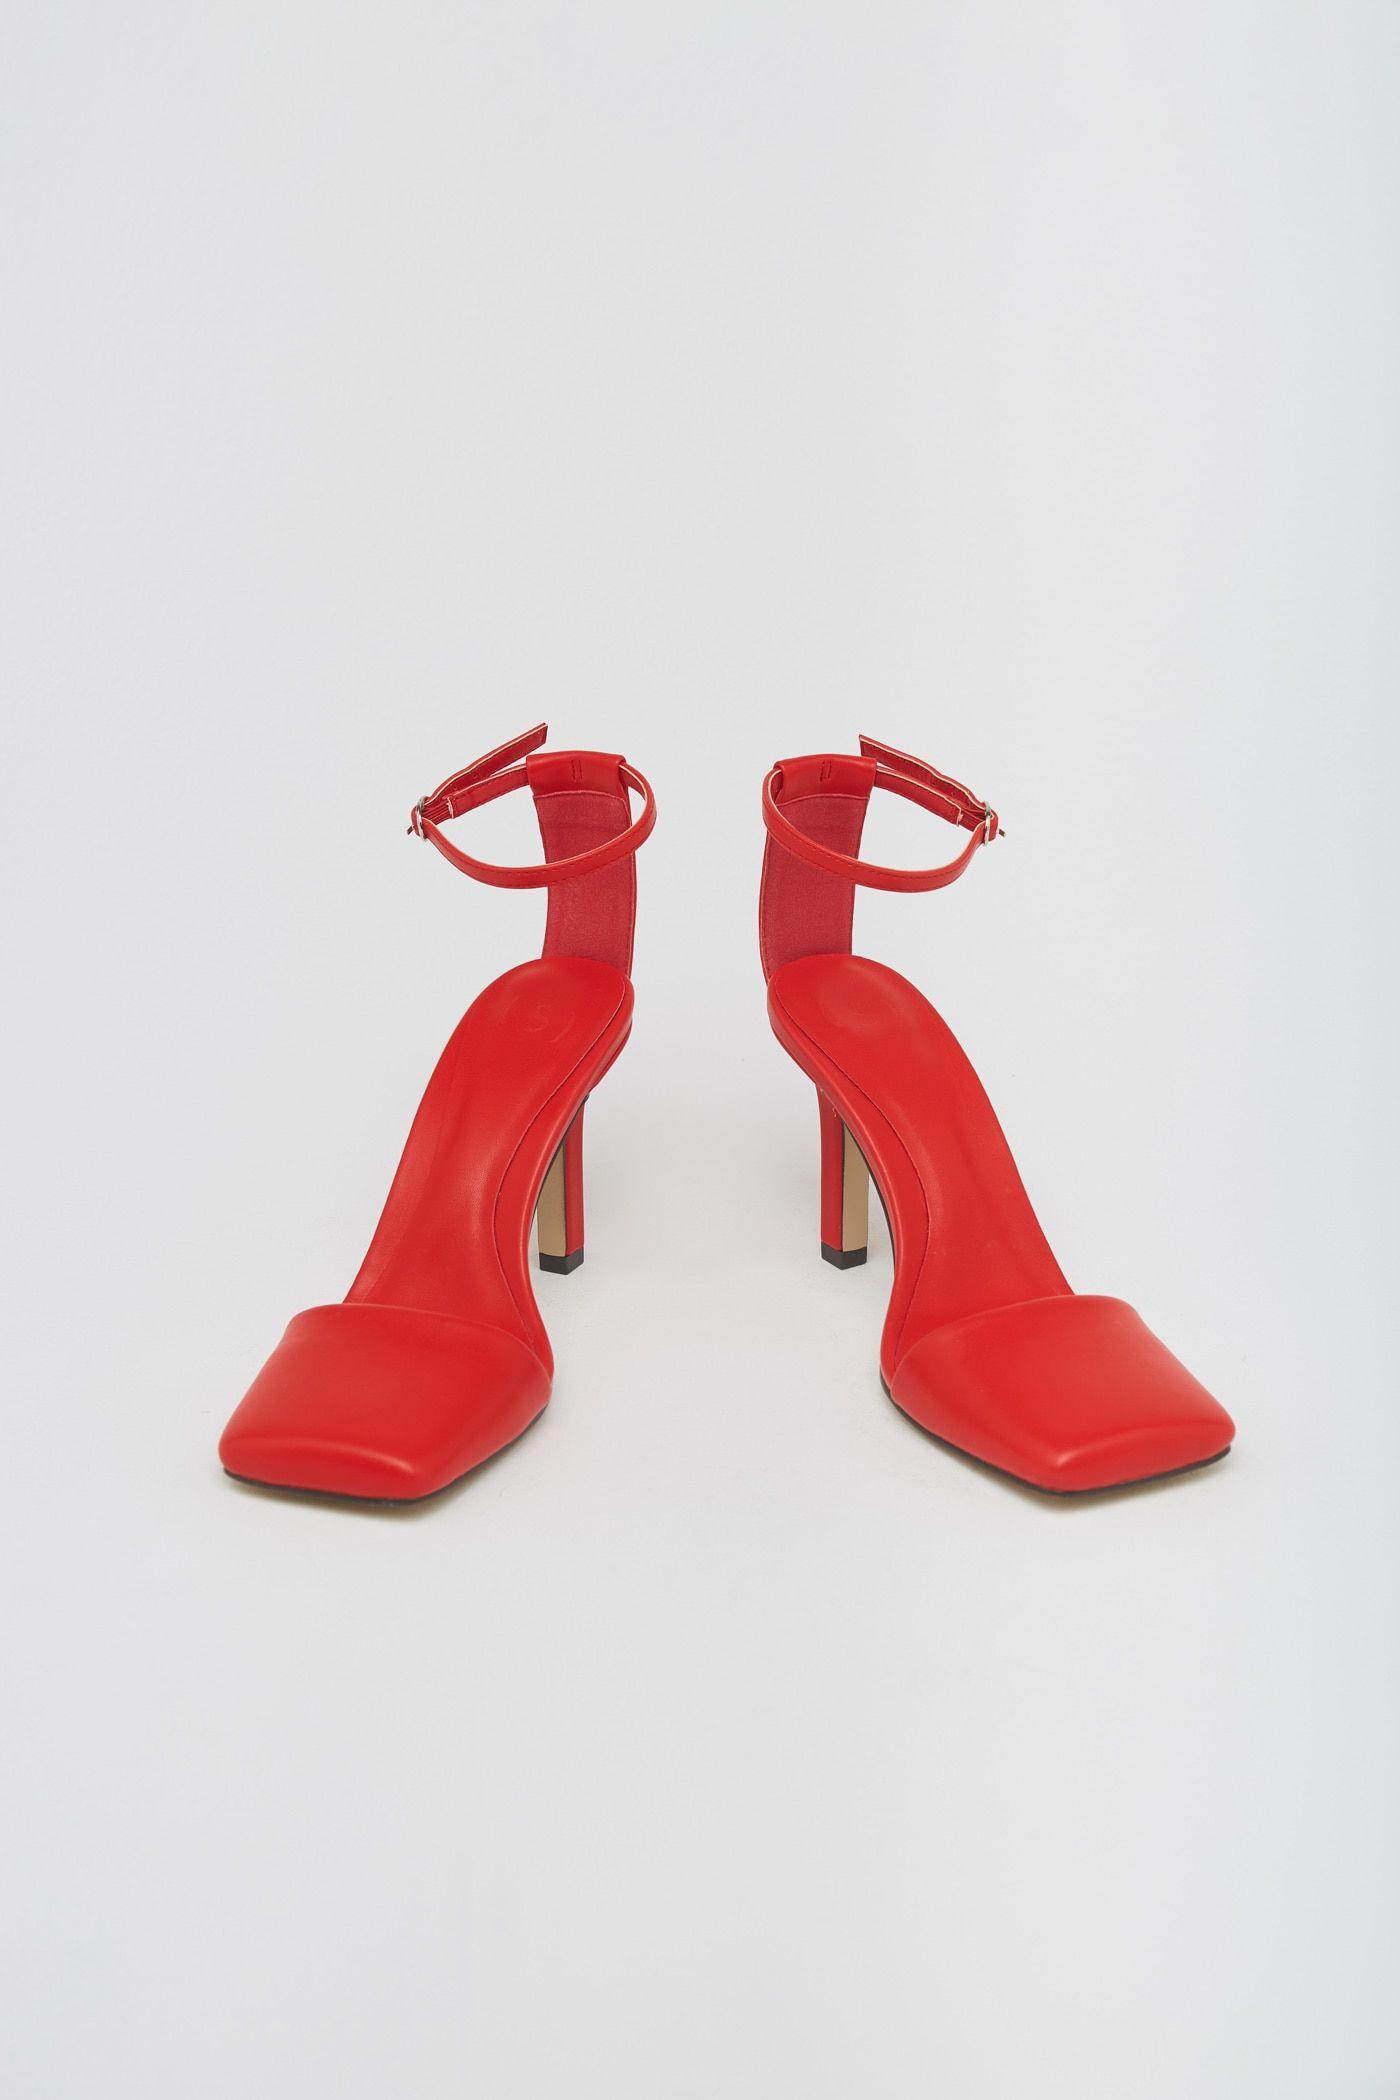 Sfera la saca los colores a Prada tiñendo de rojo sus icónicas sandalias tobilleras